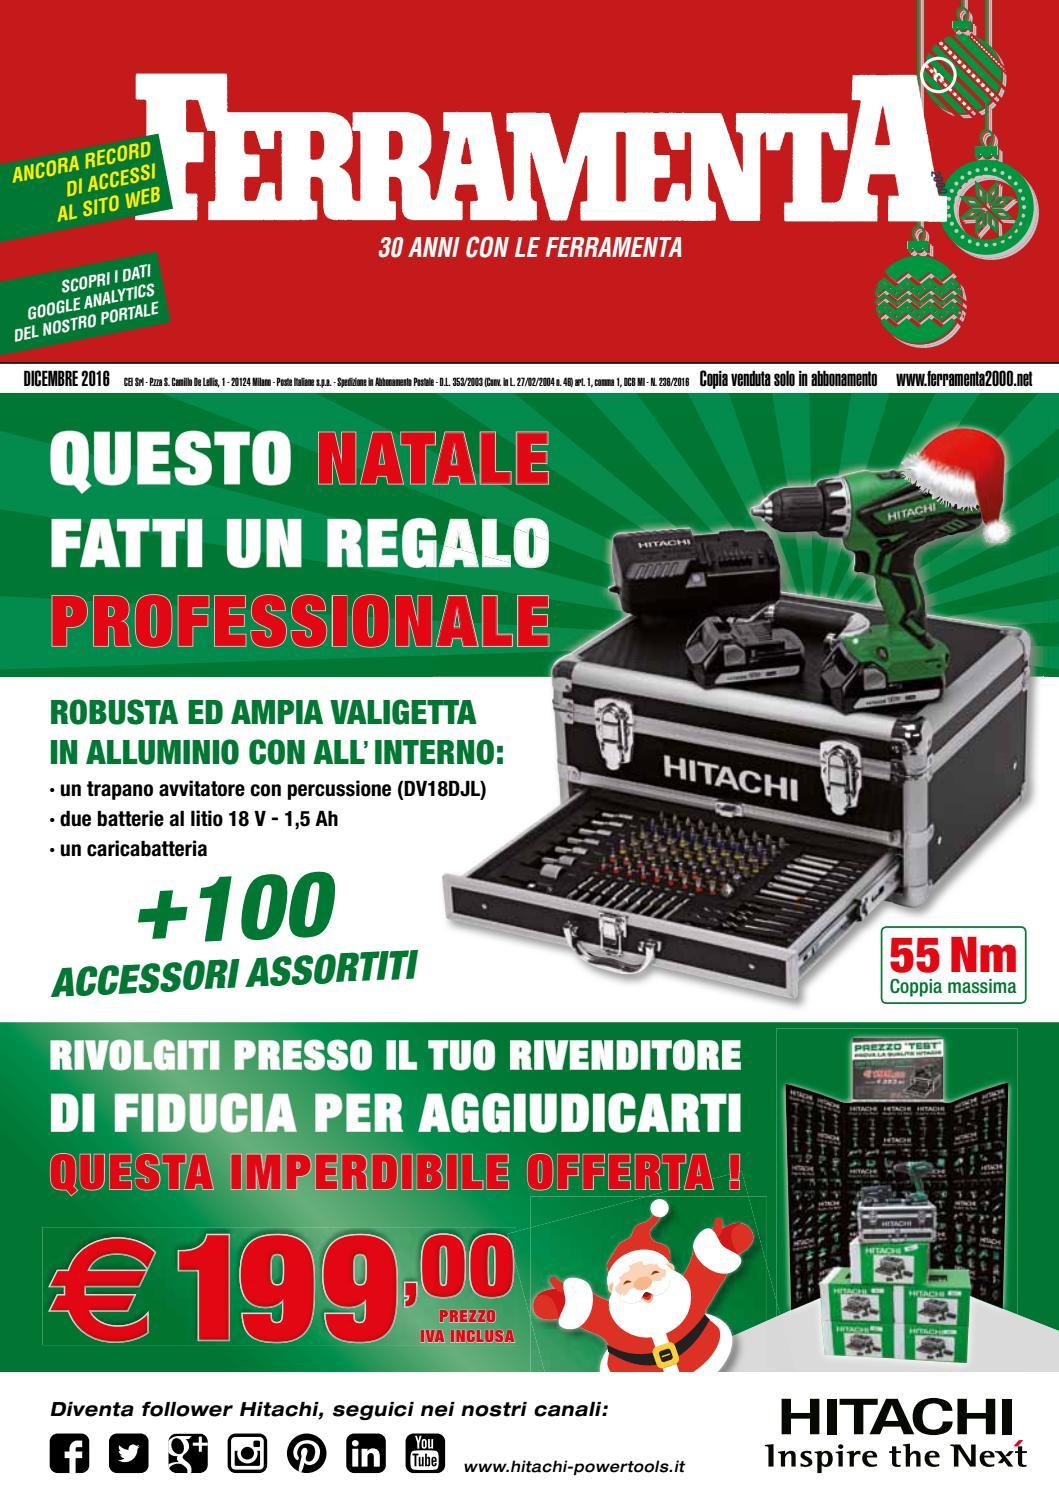 Ferramenta2000 Dicembre 2016 by E.T. Edizioni Tecniche SRL - issuu 6fa2013397e